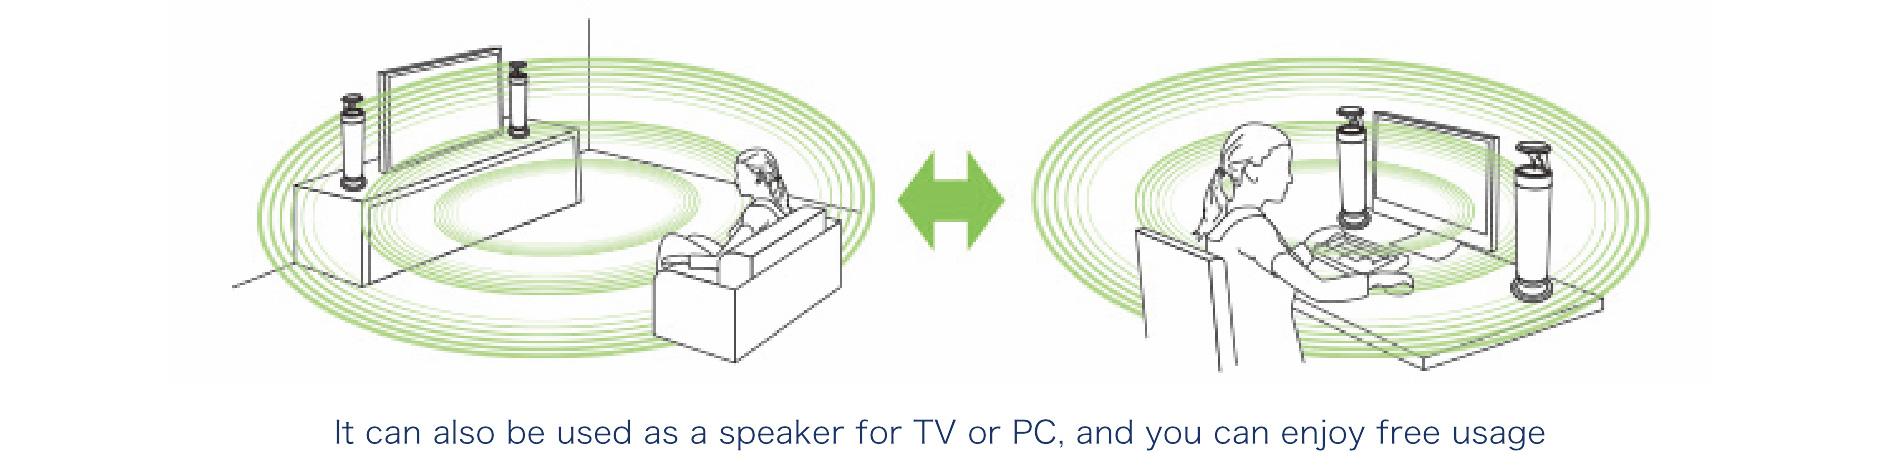 テレビ用やPC用のスピーカーとしても使用でき、自由な使い方を楽しむことができます。